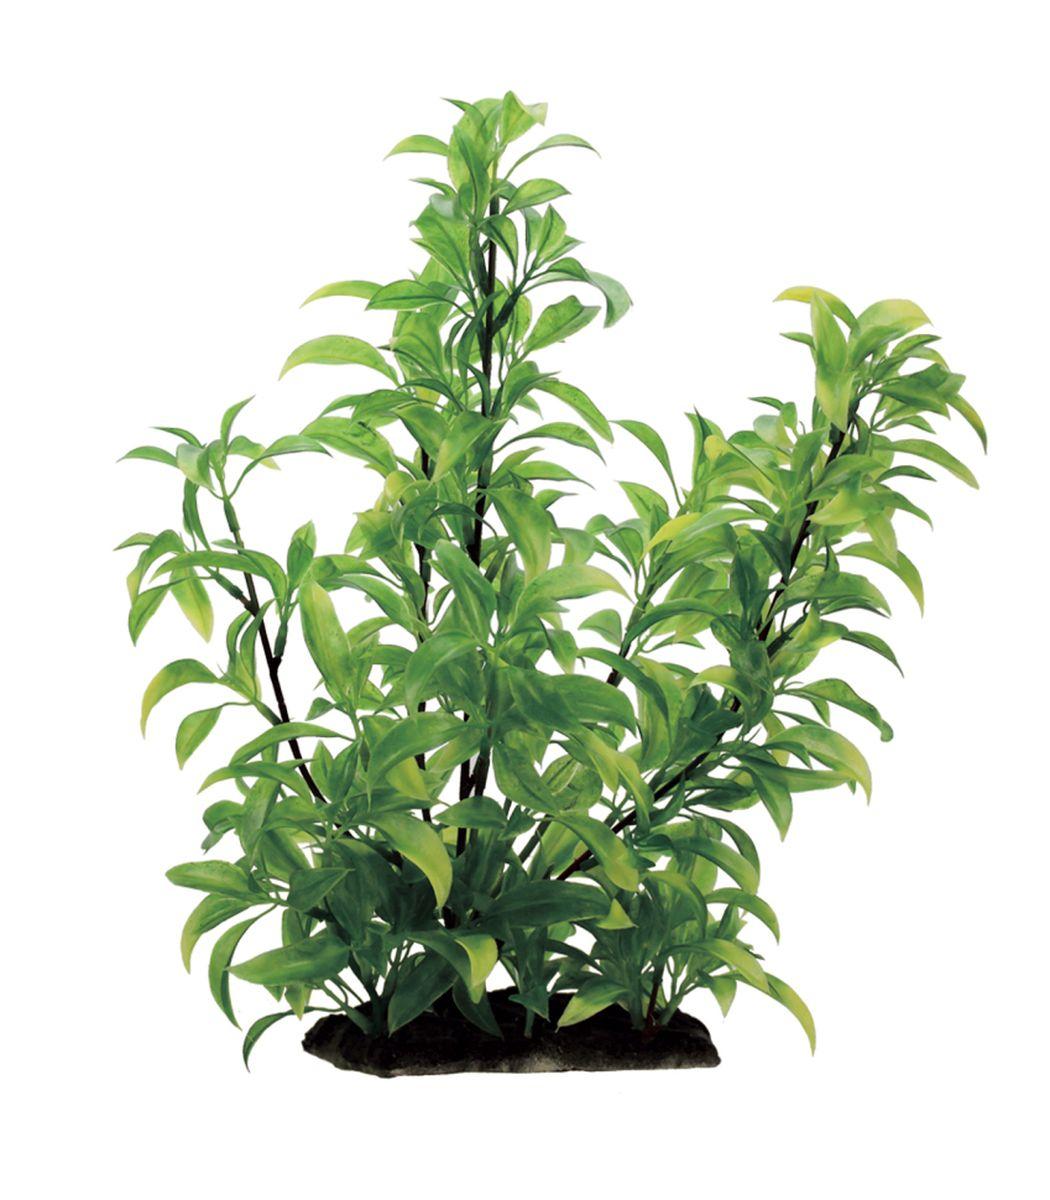 Растение для аквариума ArtUniq Стаурогин, высота 35 смART-1130109Растение для аквариума ArtUniq Стаурогин, высота 35 см